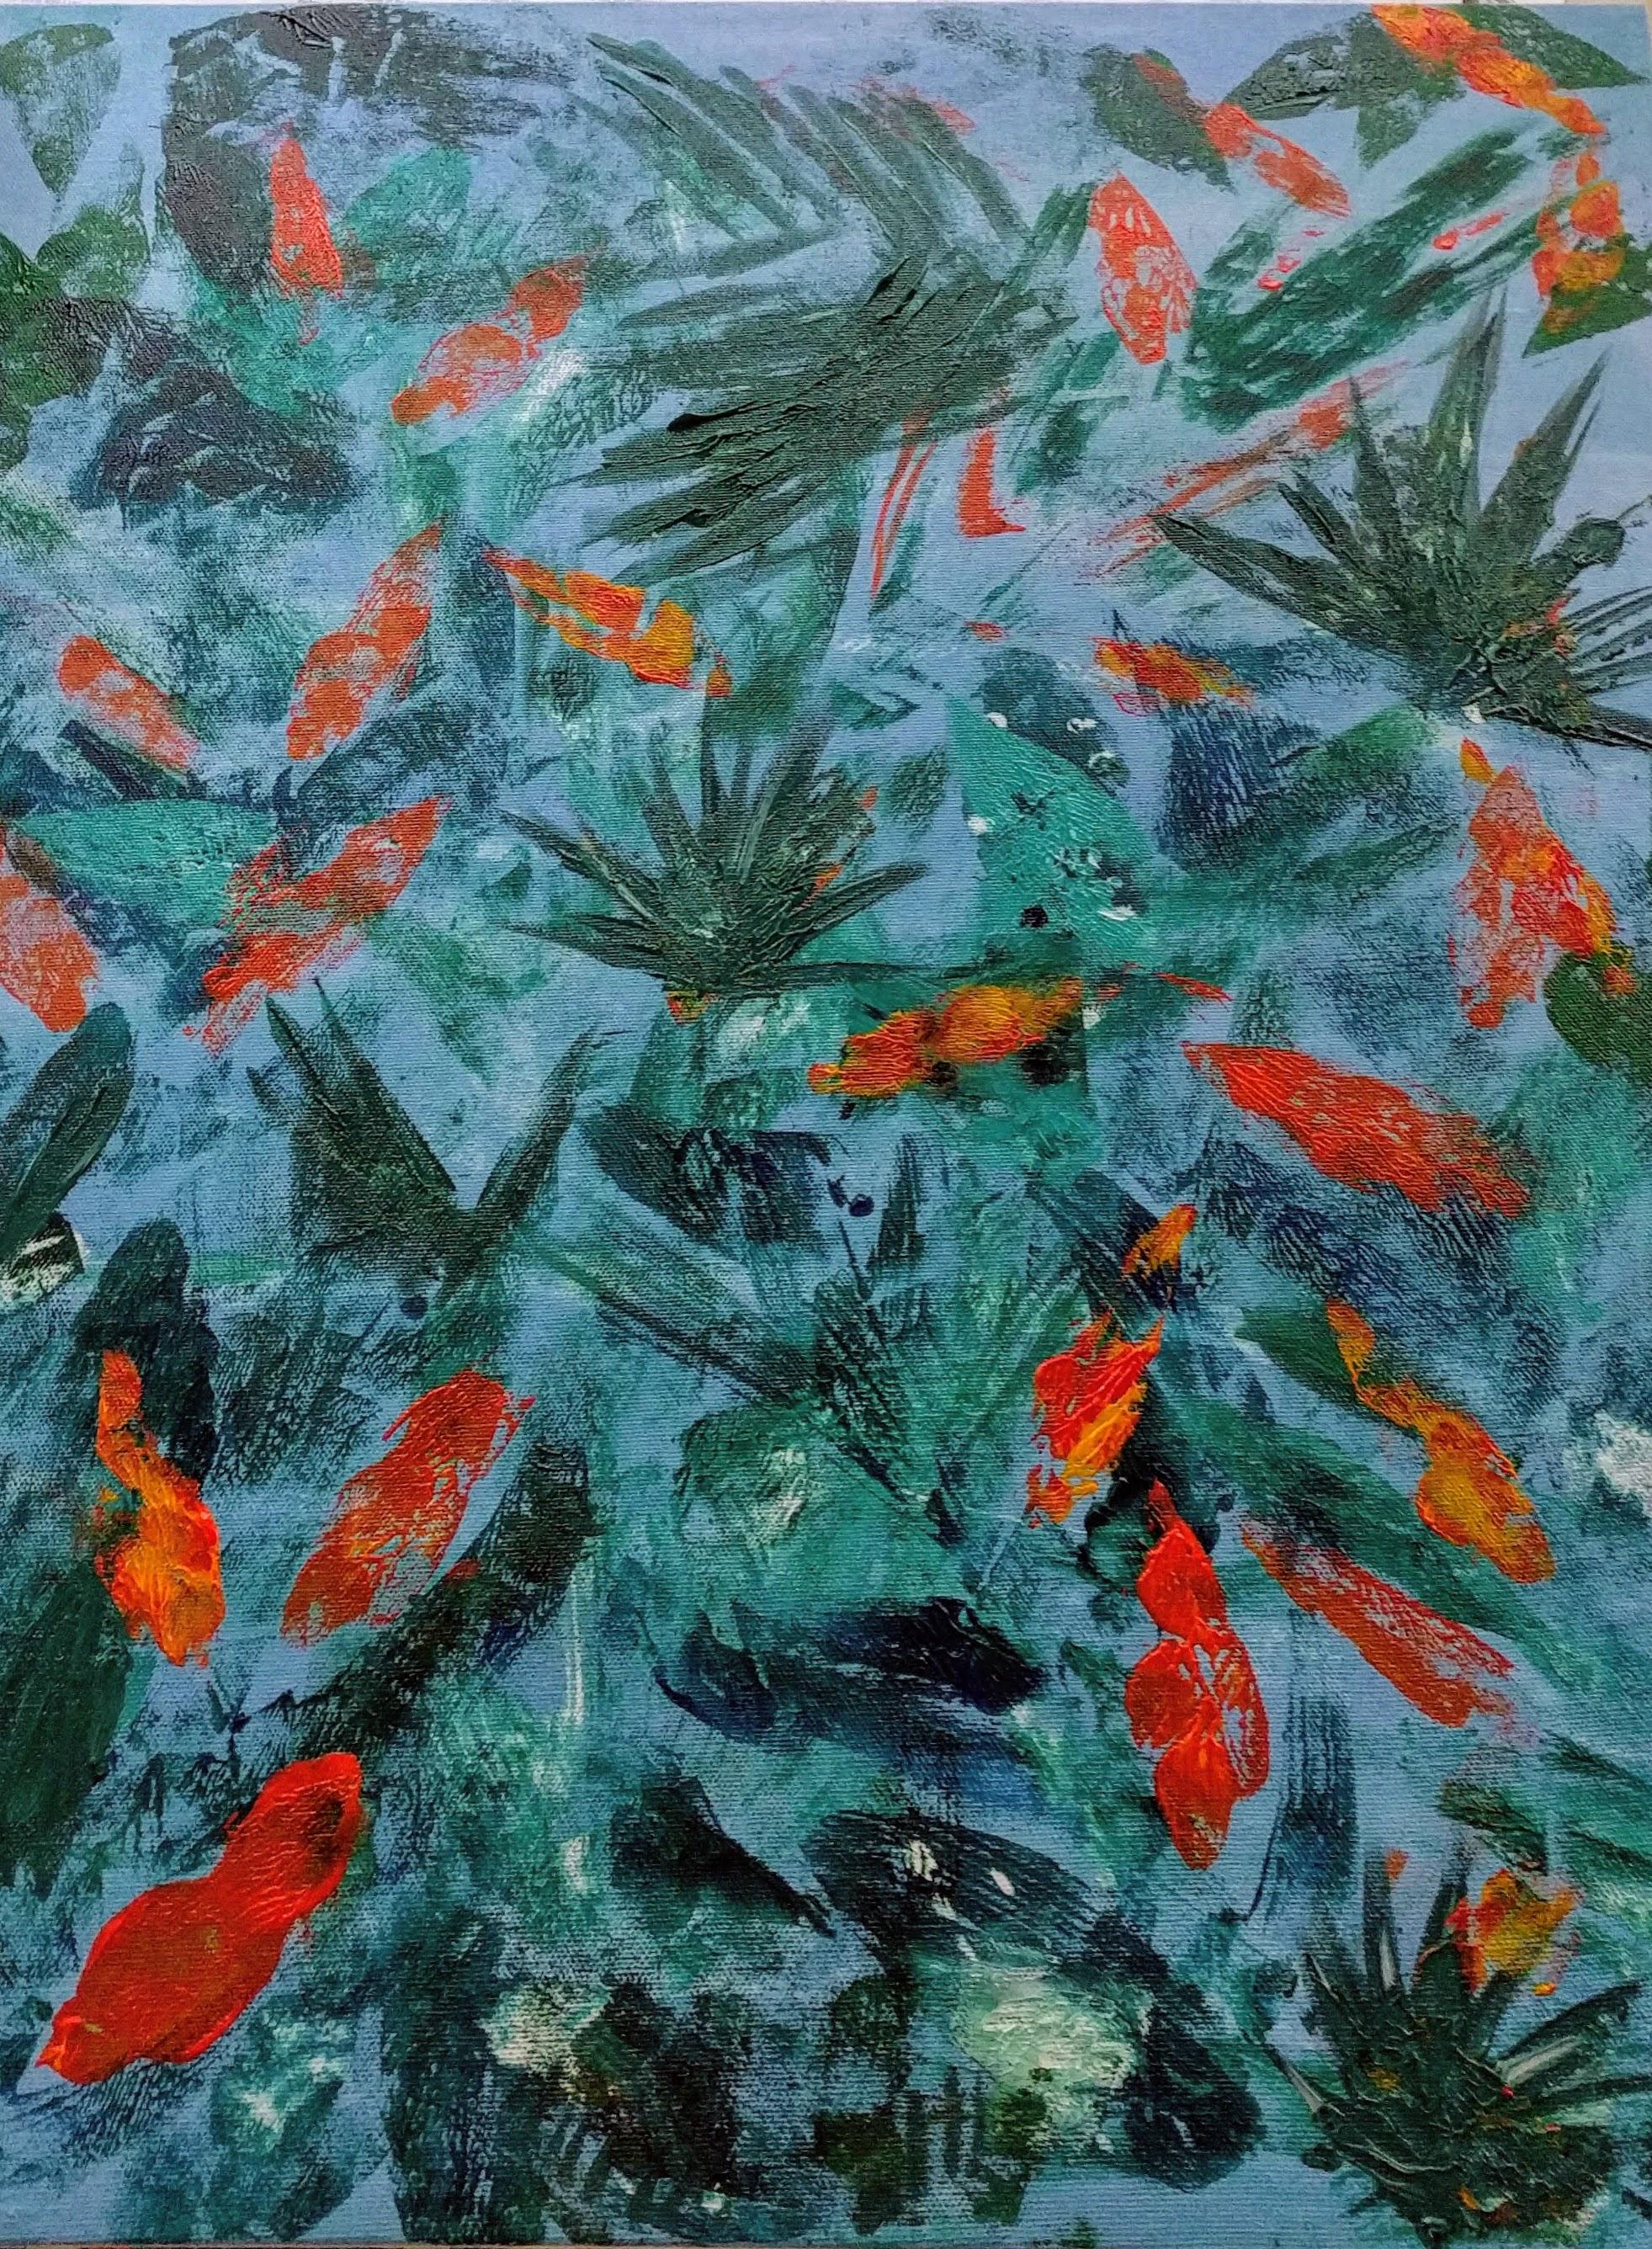 Pond. Acrylic on canvas